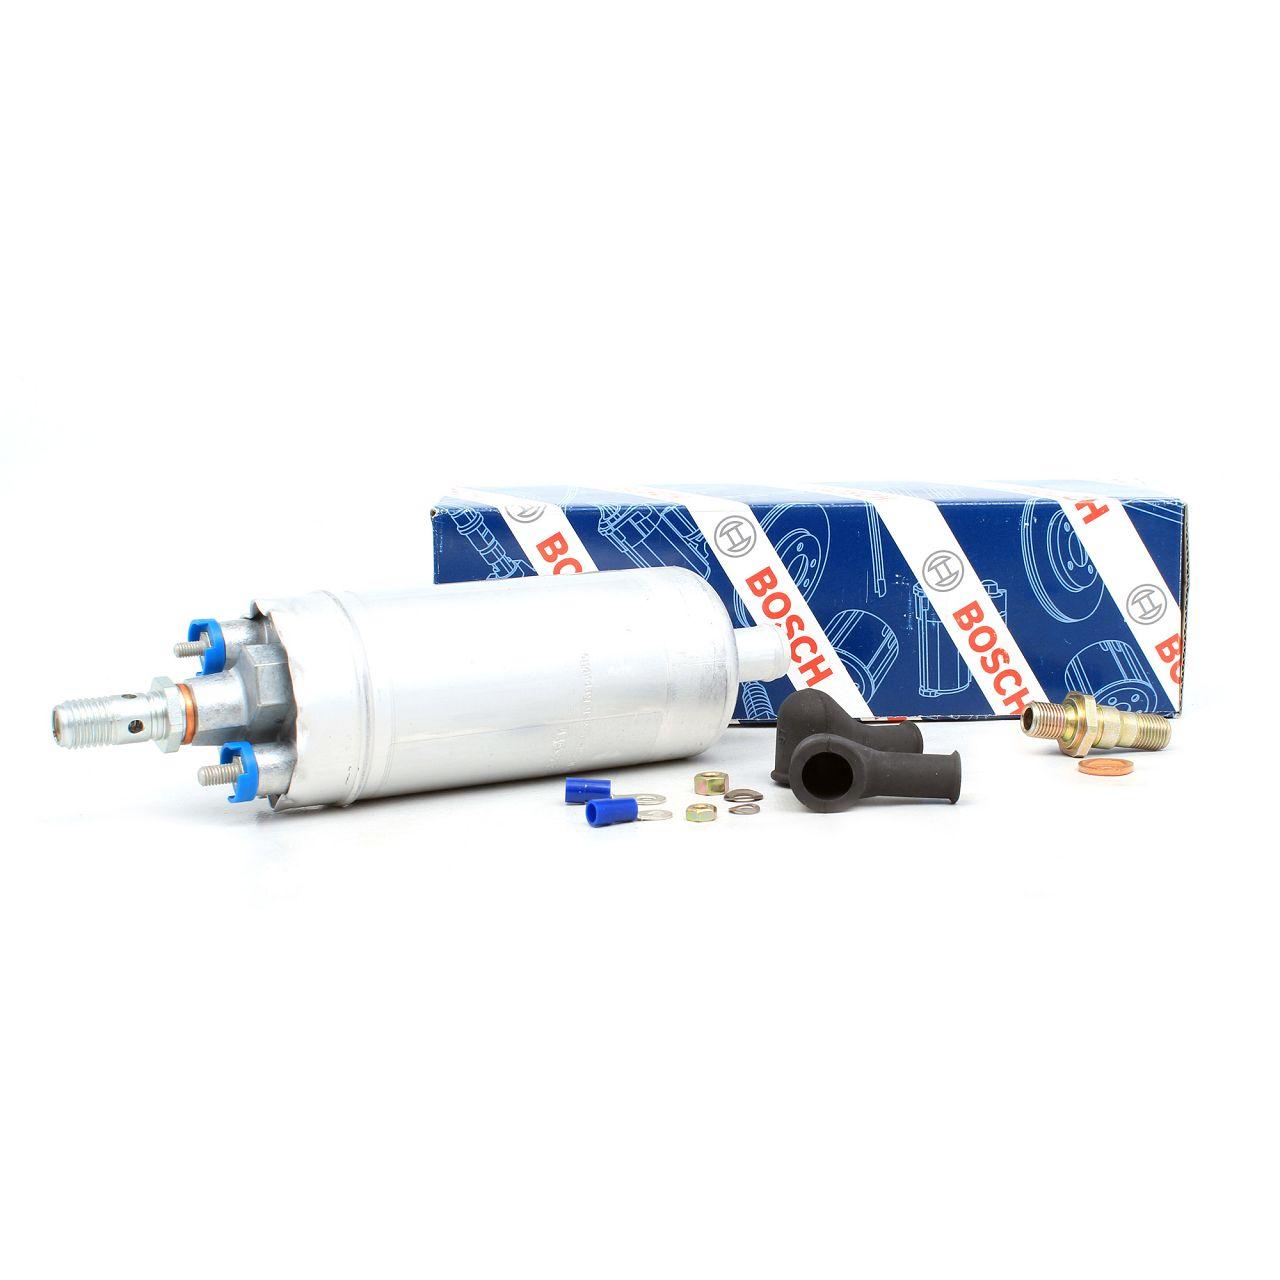 BOSCH 0580254911 Kraftstoffpumpe Benzinpumpe für MERCEDES W201 W124 W126 W140